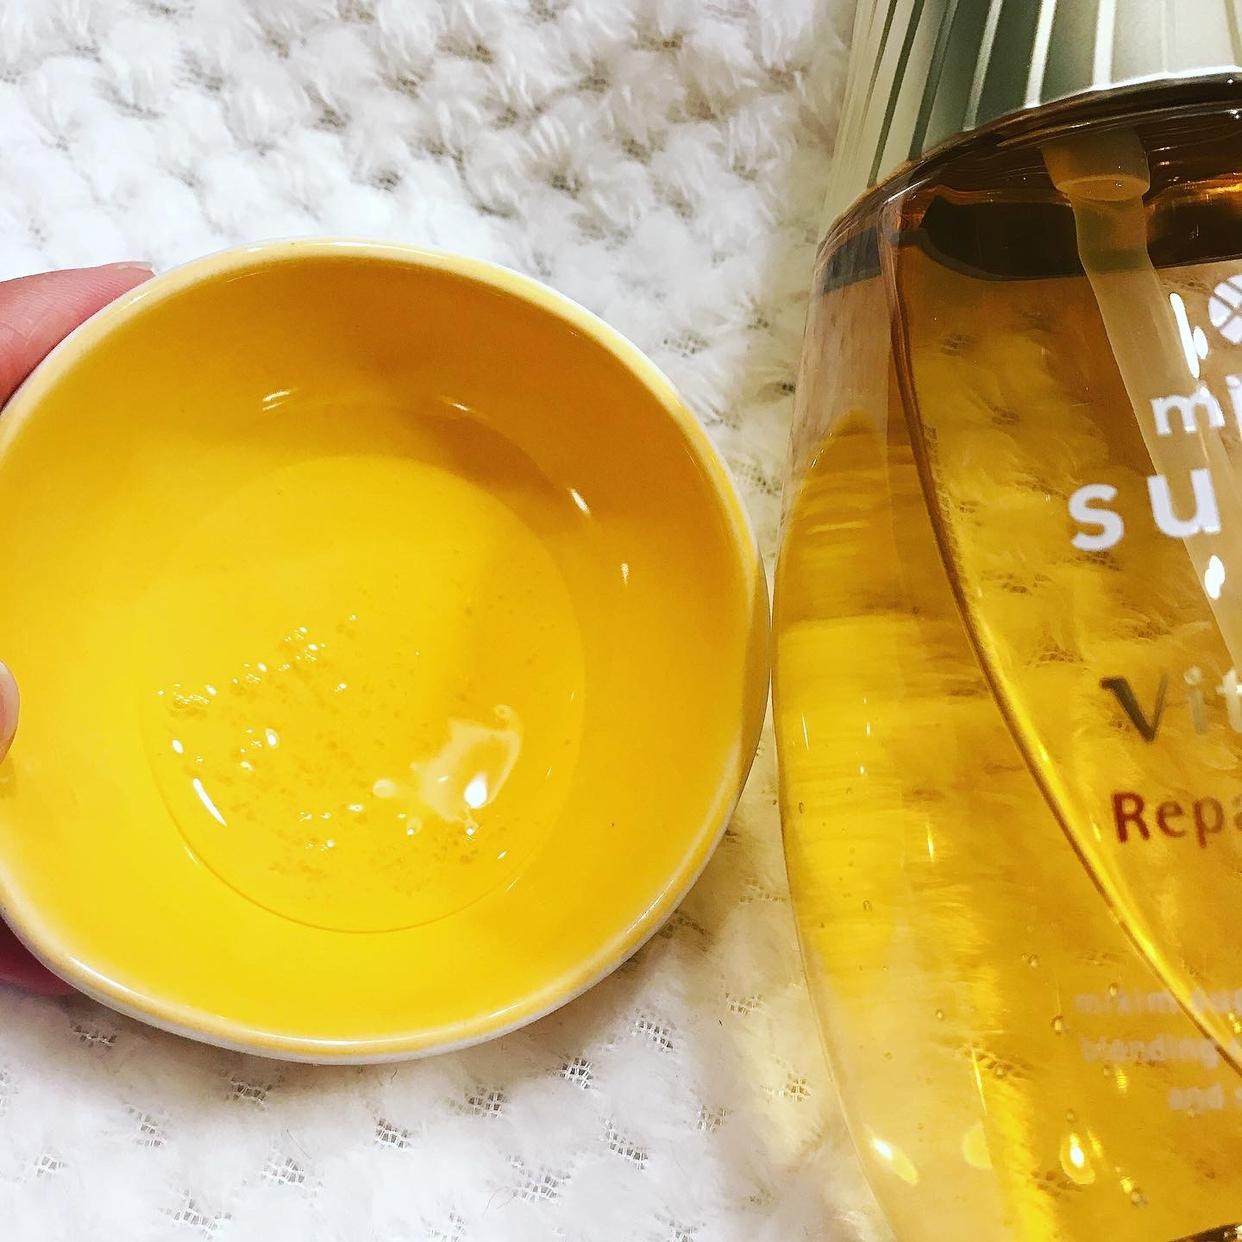 mixim suppli(ミクシム サプリ) ビタミン リペアシャンプーを使ったmisamisa0826さんのクチコミ画像2